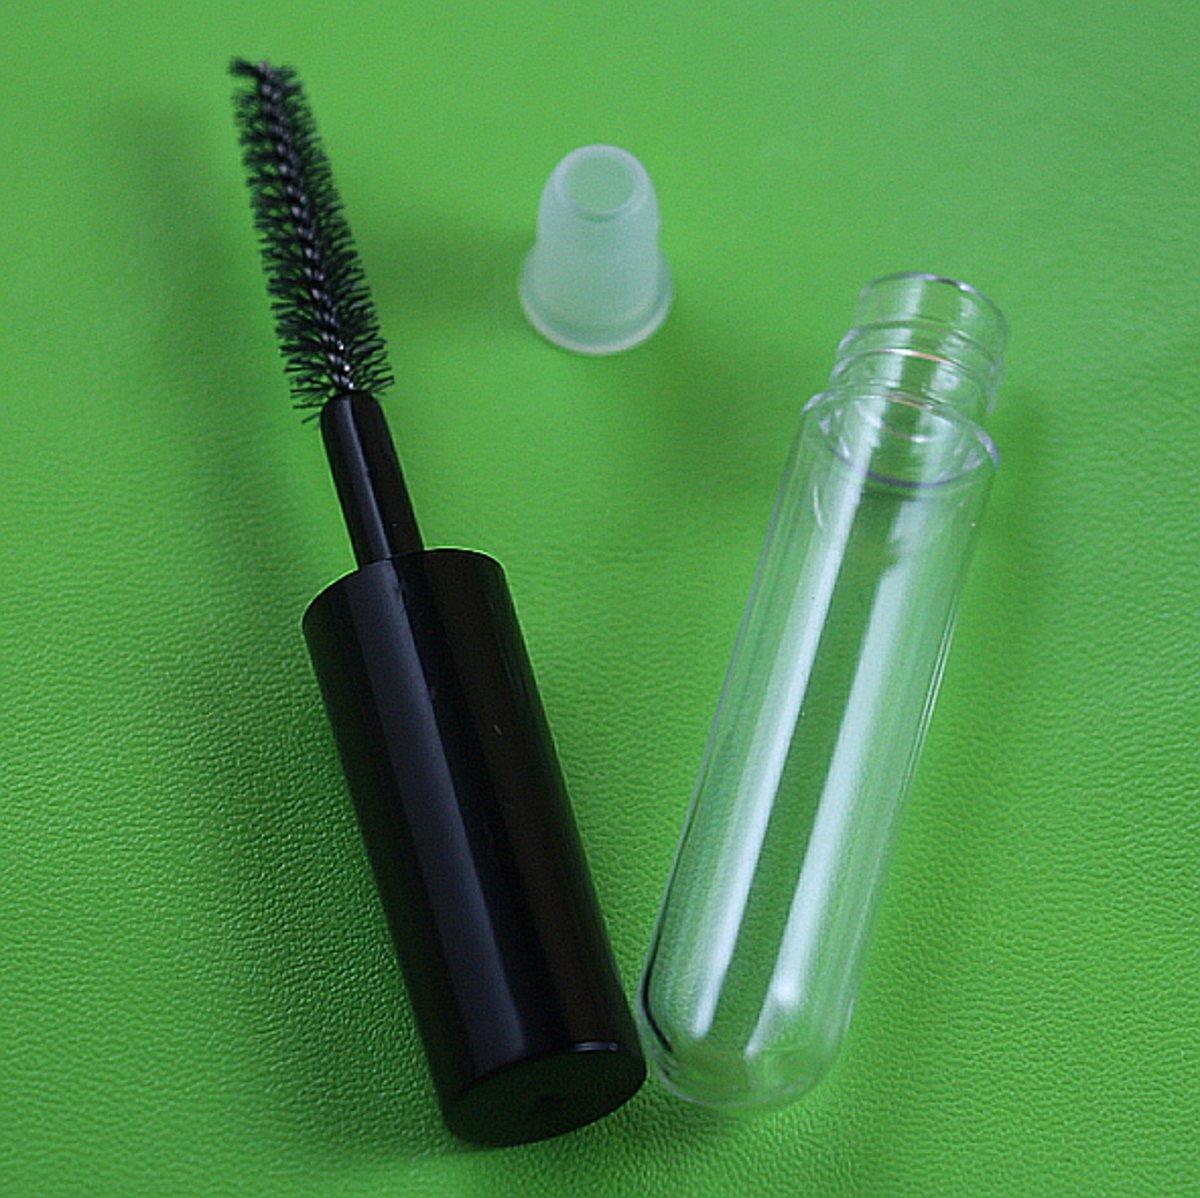 708be242a92 Amazon.com: 50 Pieces 4ml Mini Empty eyelashes tube mascara tube vials  bottle,DIY Container Mascara Brush Eyelash Wand Bottle Vial: Home & Kitchen